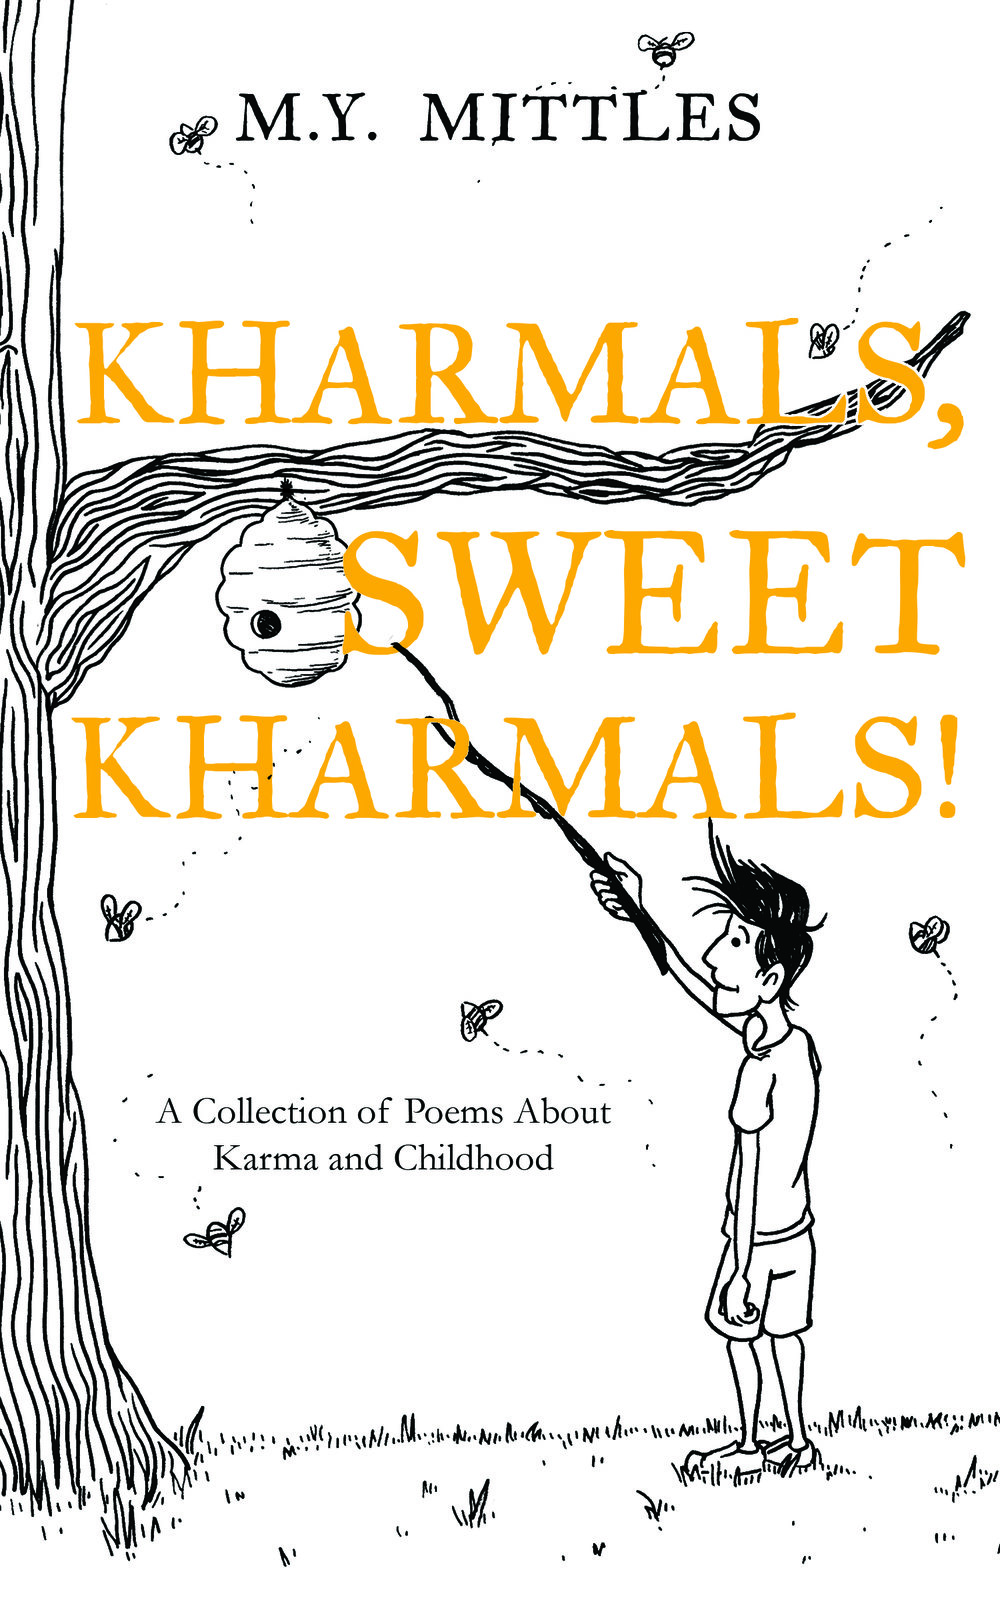 Kharmals, Sweet Kharmals!, 2016